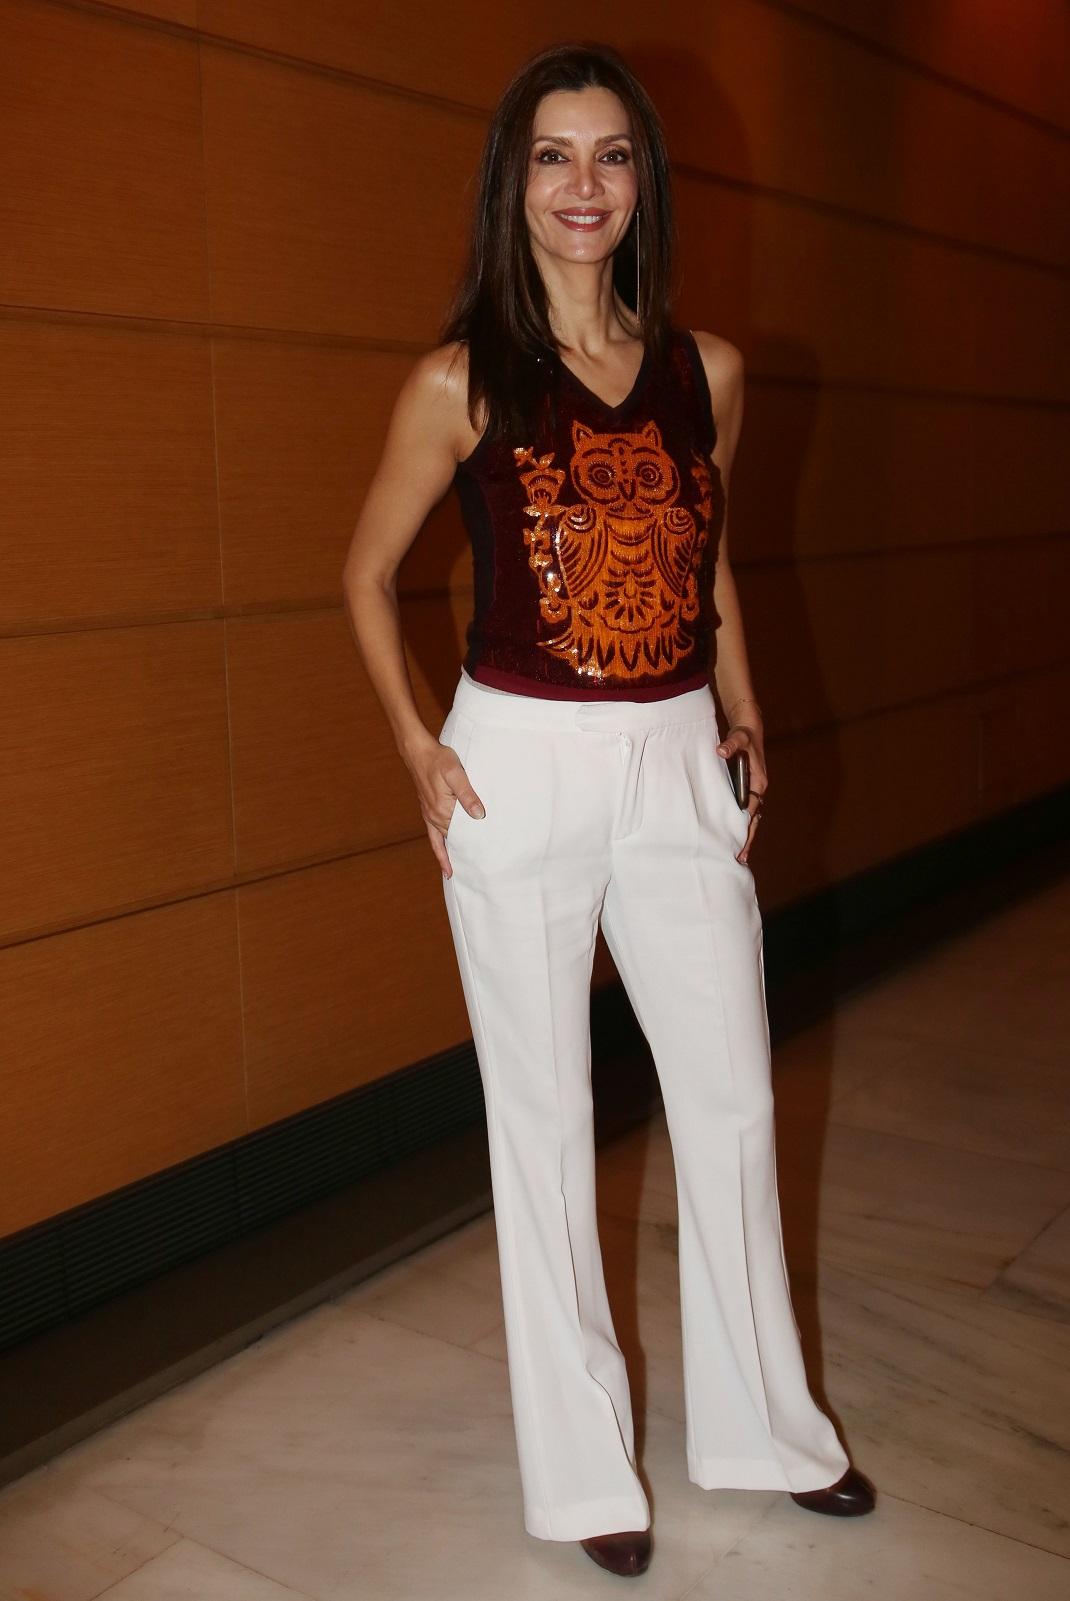 Η Κατερίνα Λέχου με λευκό παντελόνι